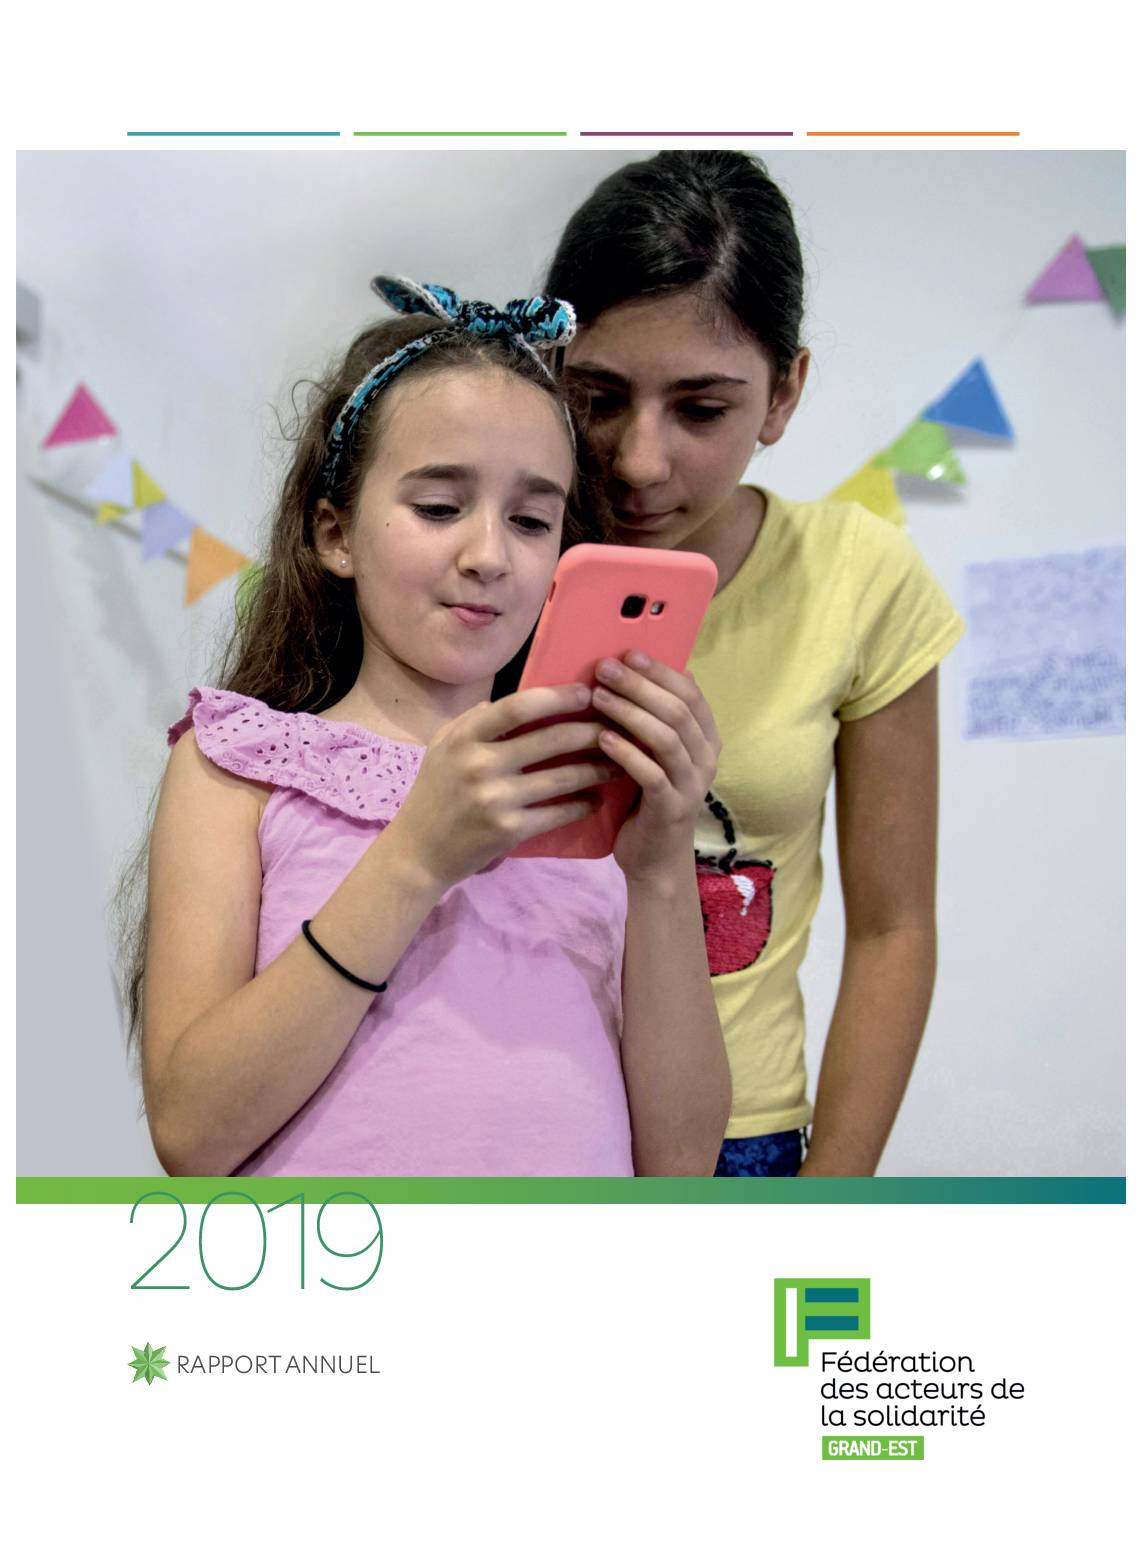 Rapport d'activité 2019 - Fédération Grand-Est